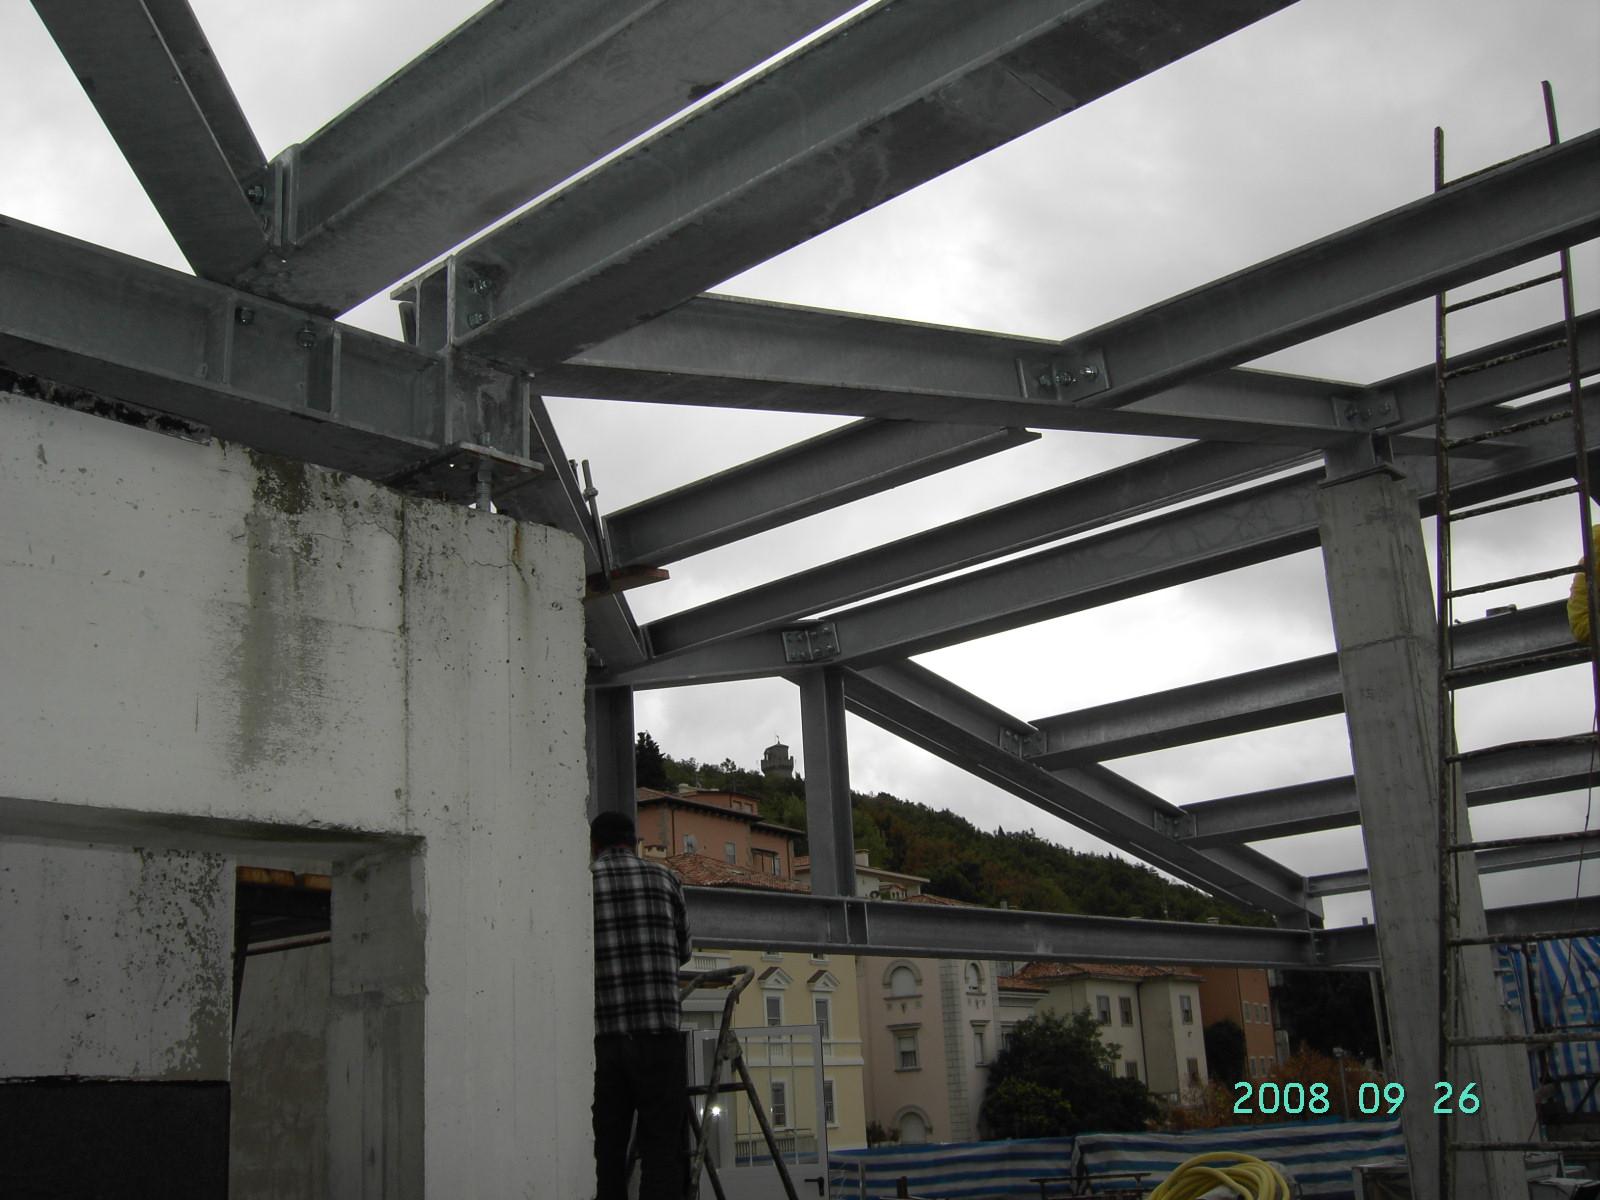 http://progecostrutture.com/wp-content/uploads/2016/07/struttura_matalliche_per-recupero_edilizio_in_acciaio_san_marino_298014.jpg